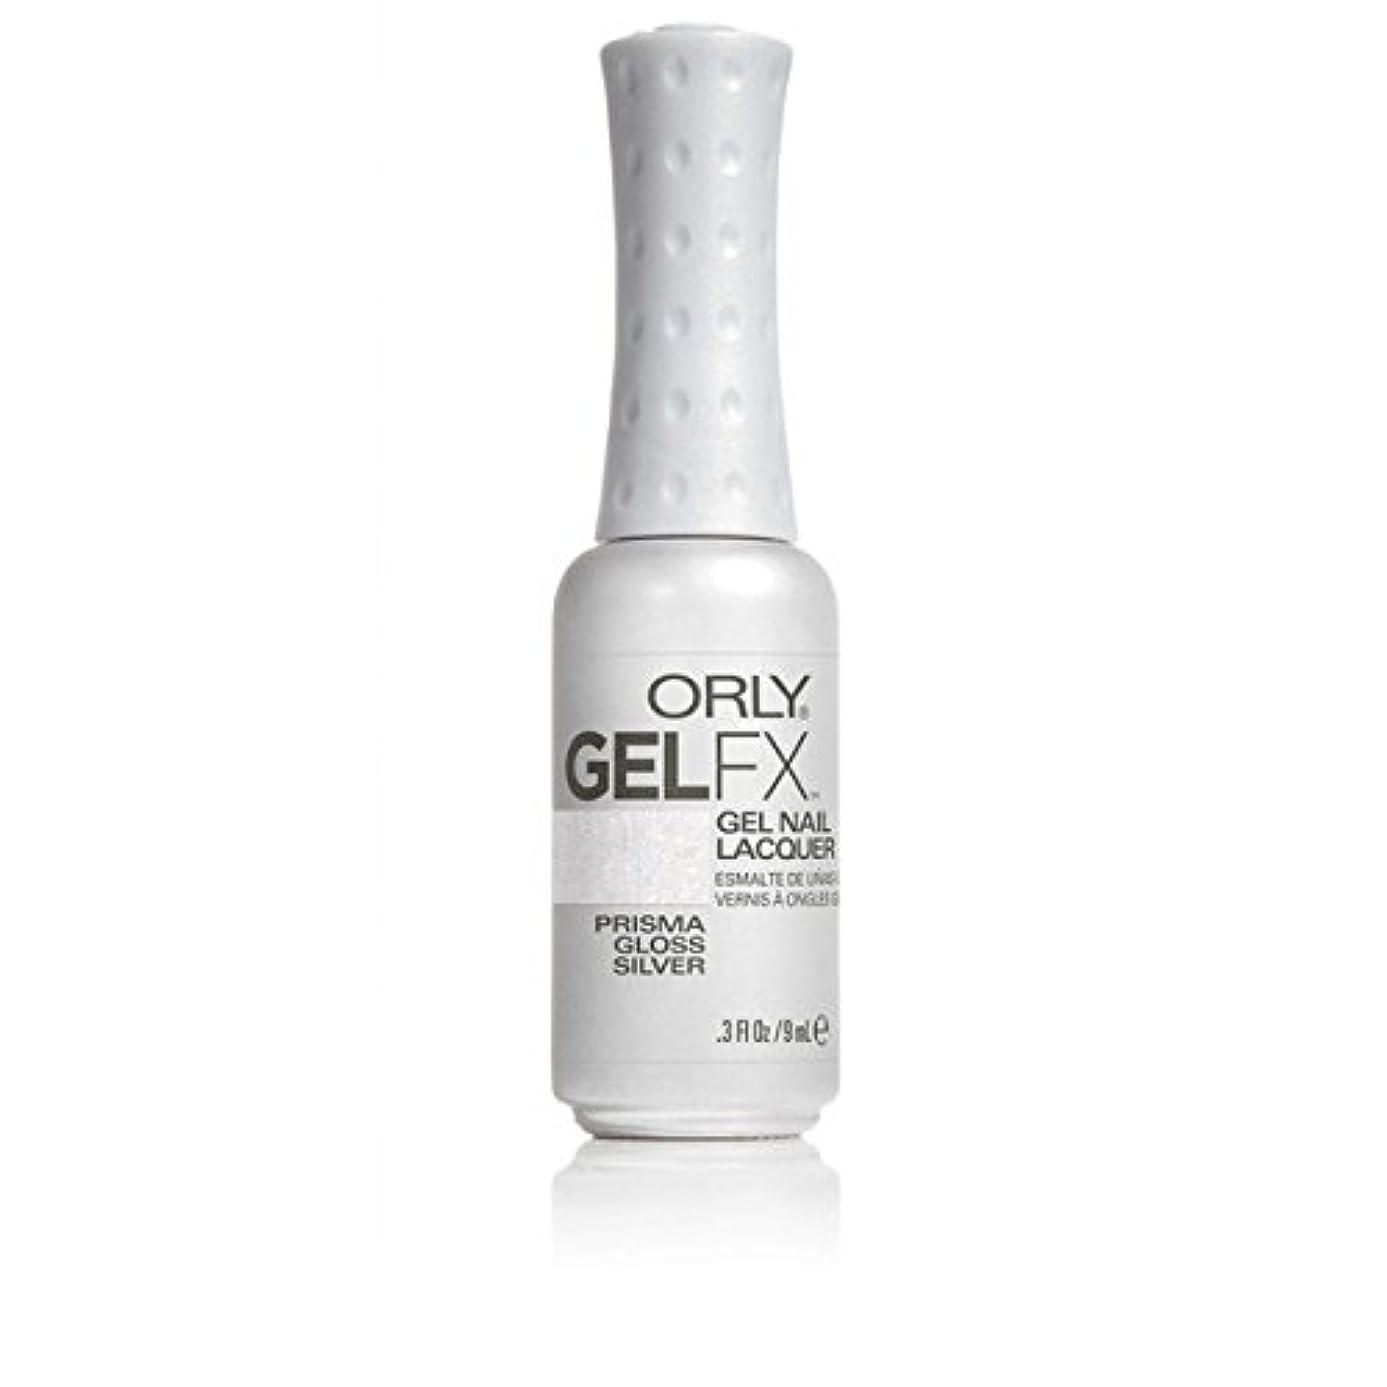 選択医療過誤八百屋ORLY(オーリー)ジェルFXジェルネイルラッカー 9ml プリズマグロスシルバー#30708